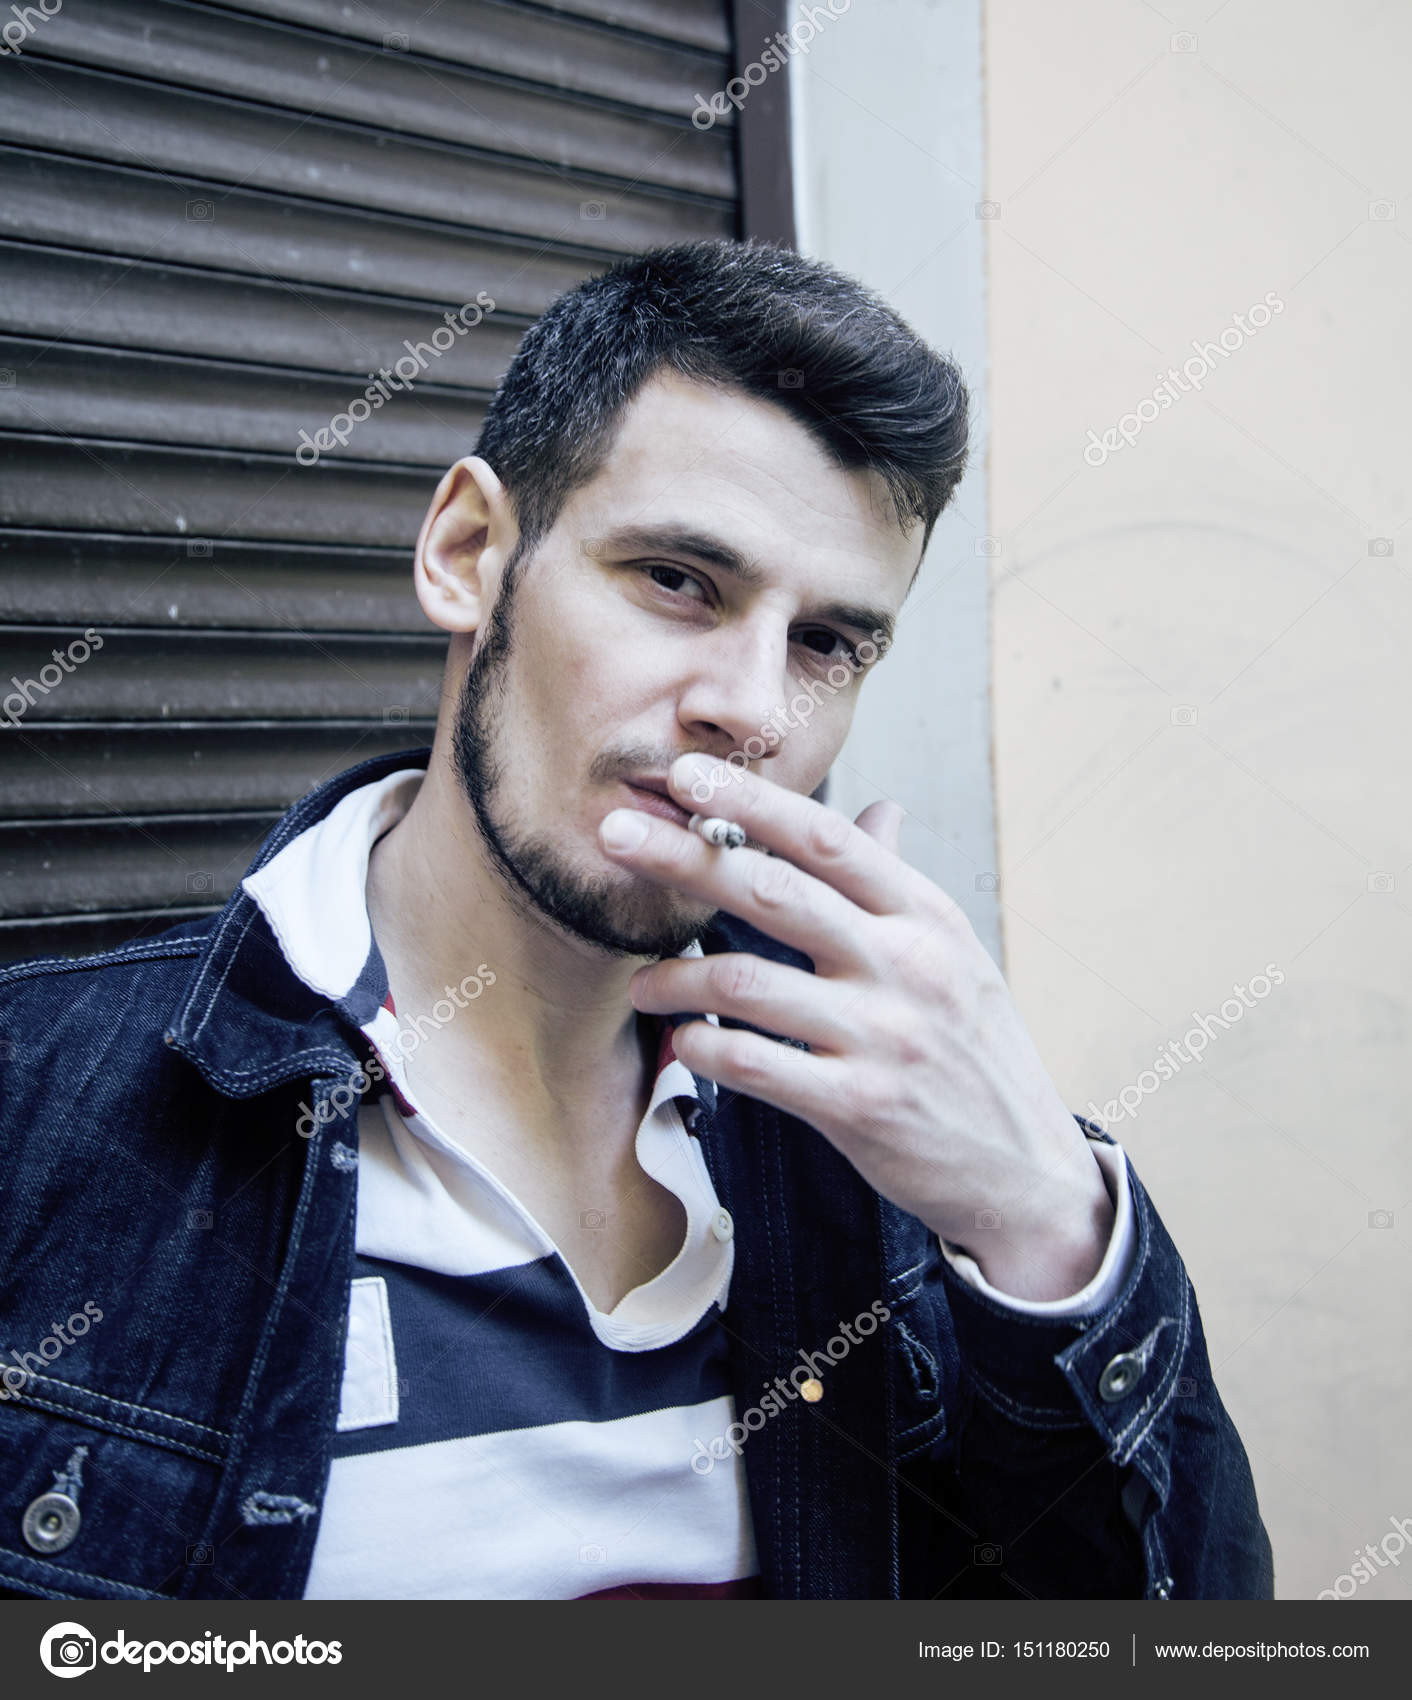 картинки парней с сигаретой